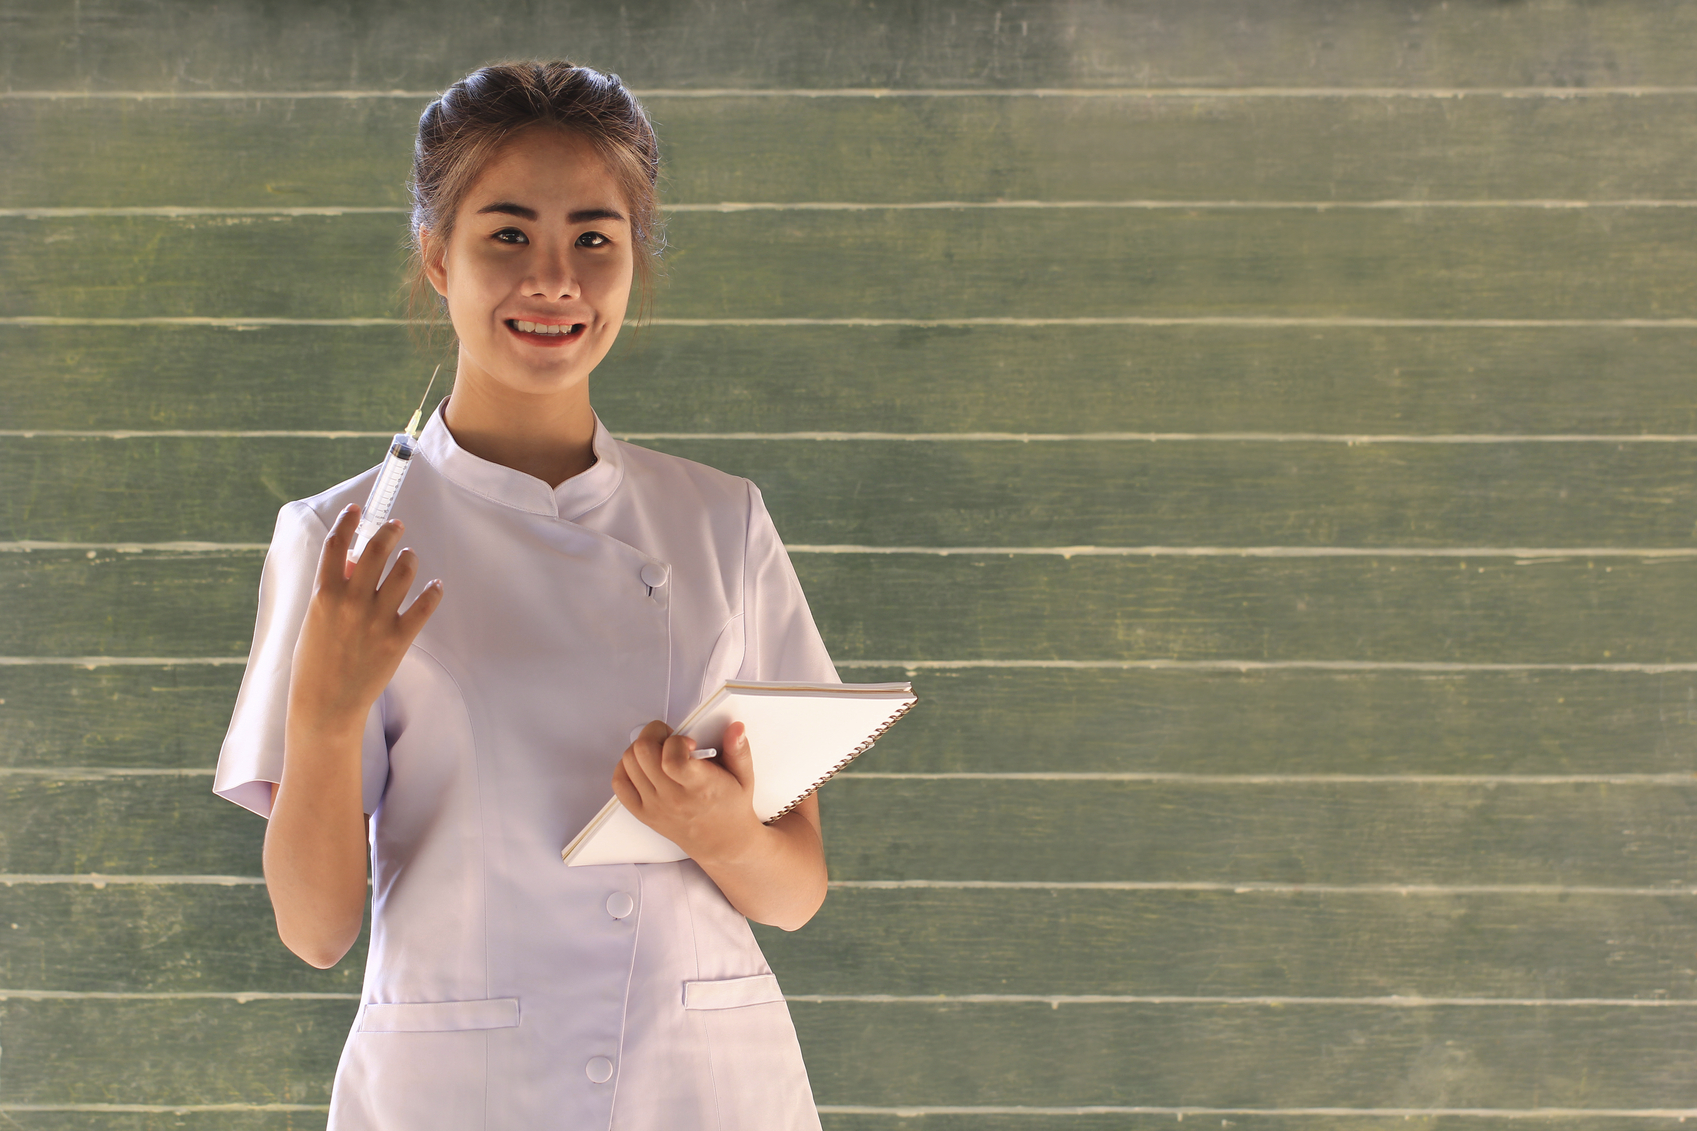 นักศึกษาใหม่ ปริญญาตรี มหาวิทยาลัย รับตรง หลักสูตรพยาบาลศาสตร์